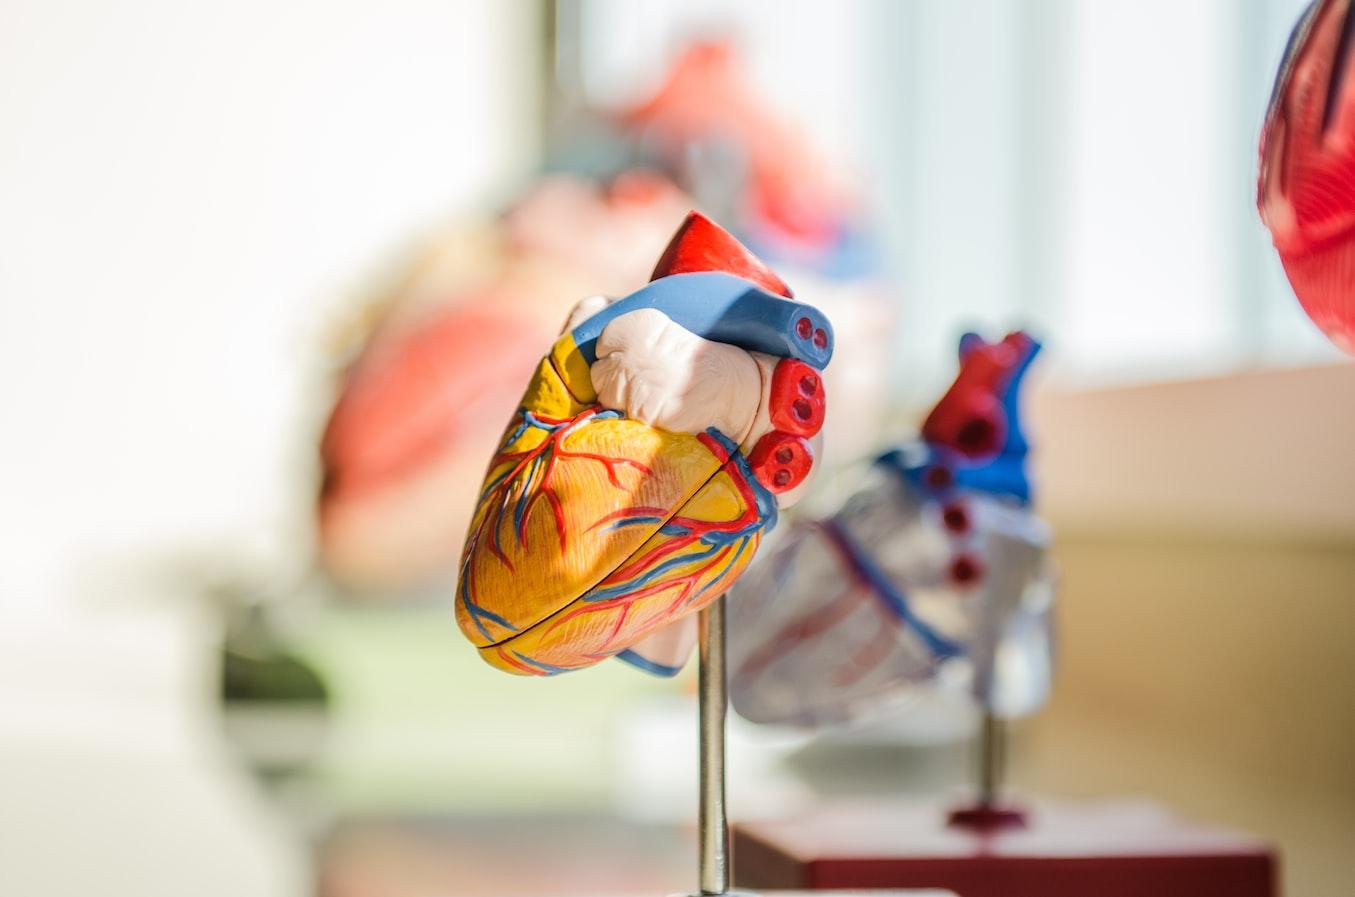 paprika untuk menjaga jantung dan pembuluh darah